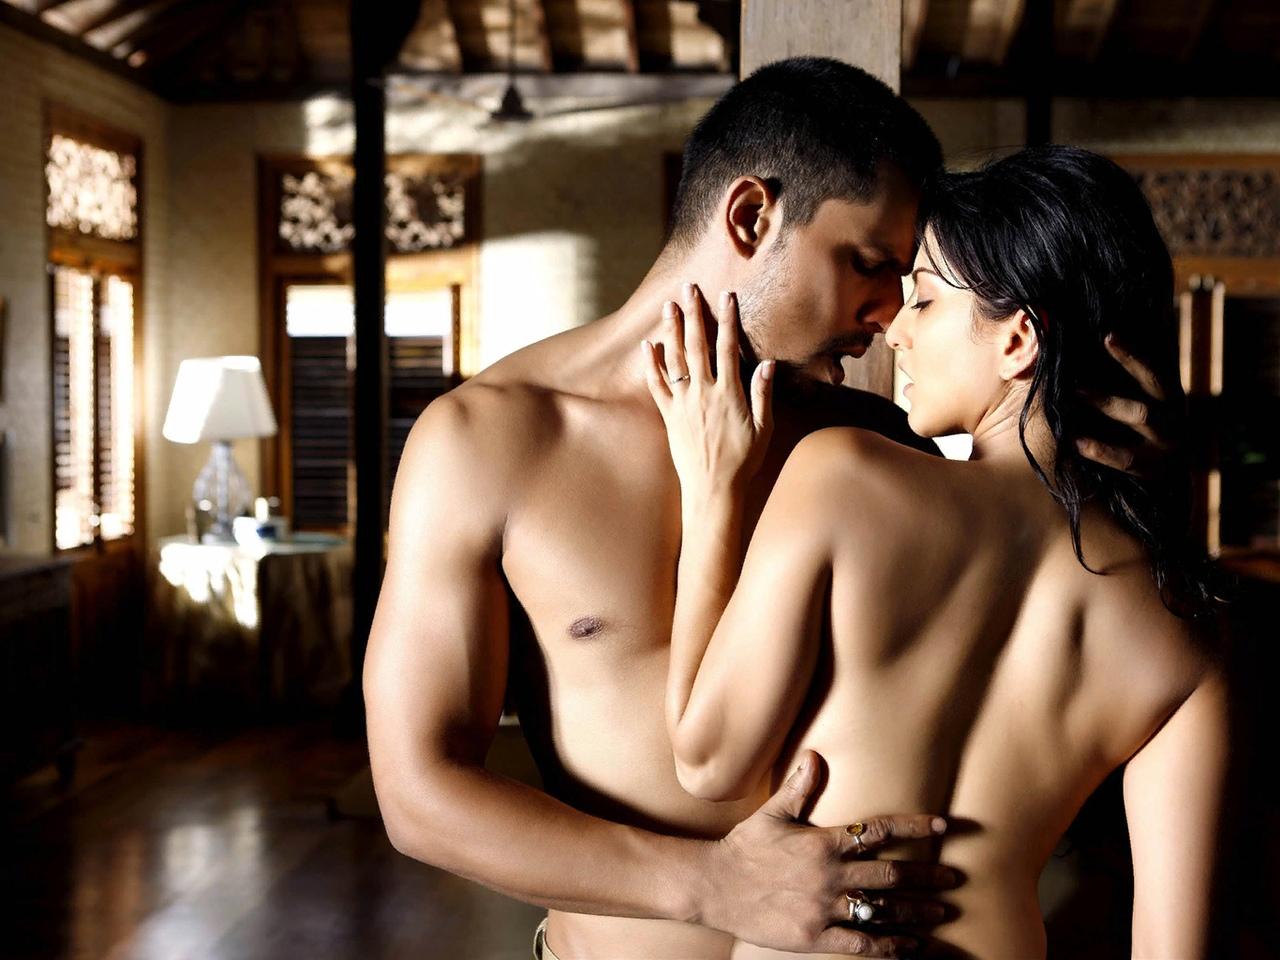 страстные эротические фильмы смотреть онлайн нас терри этот